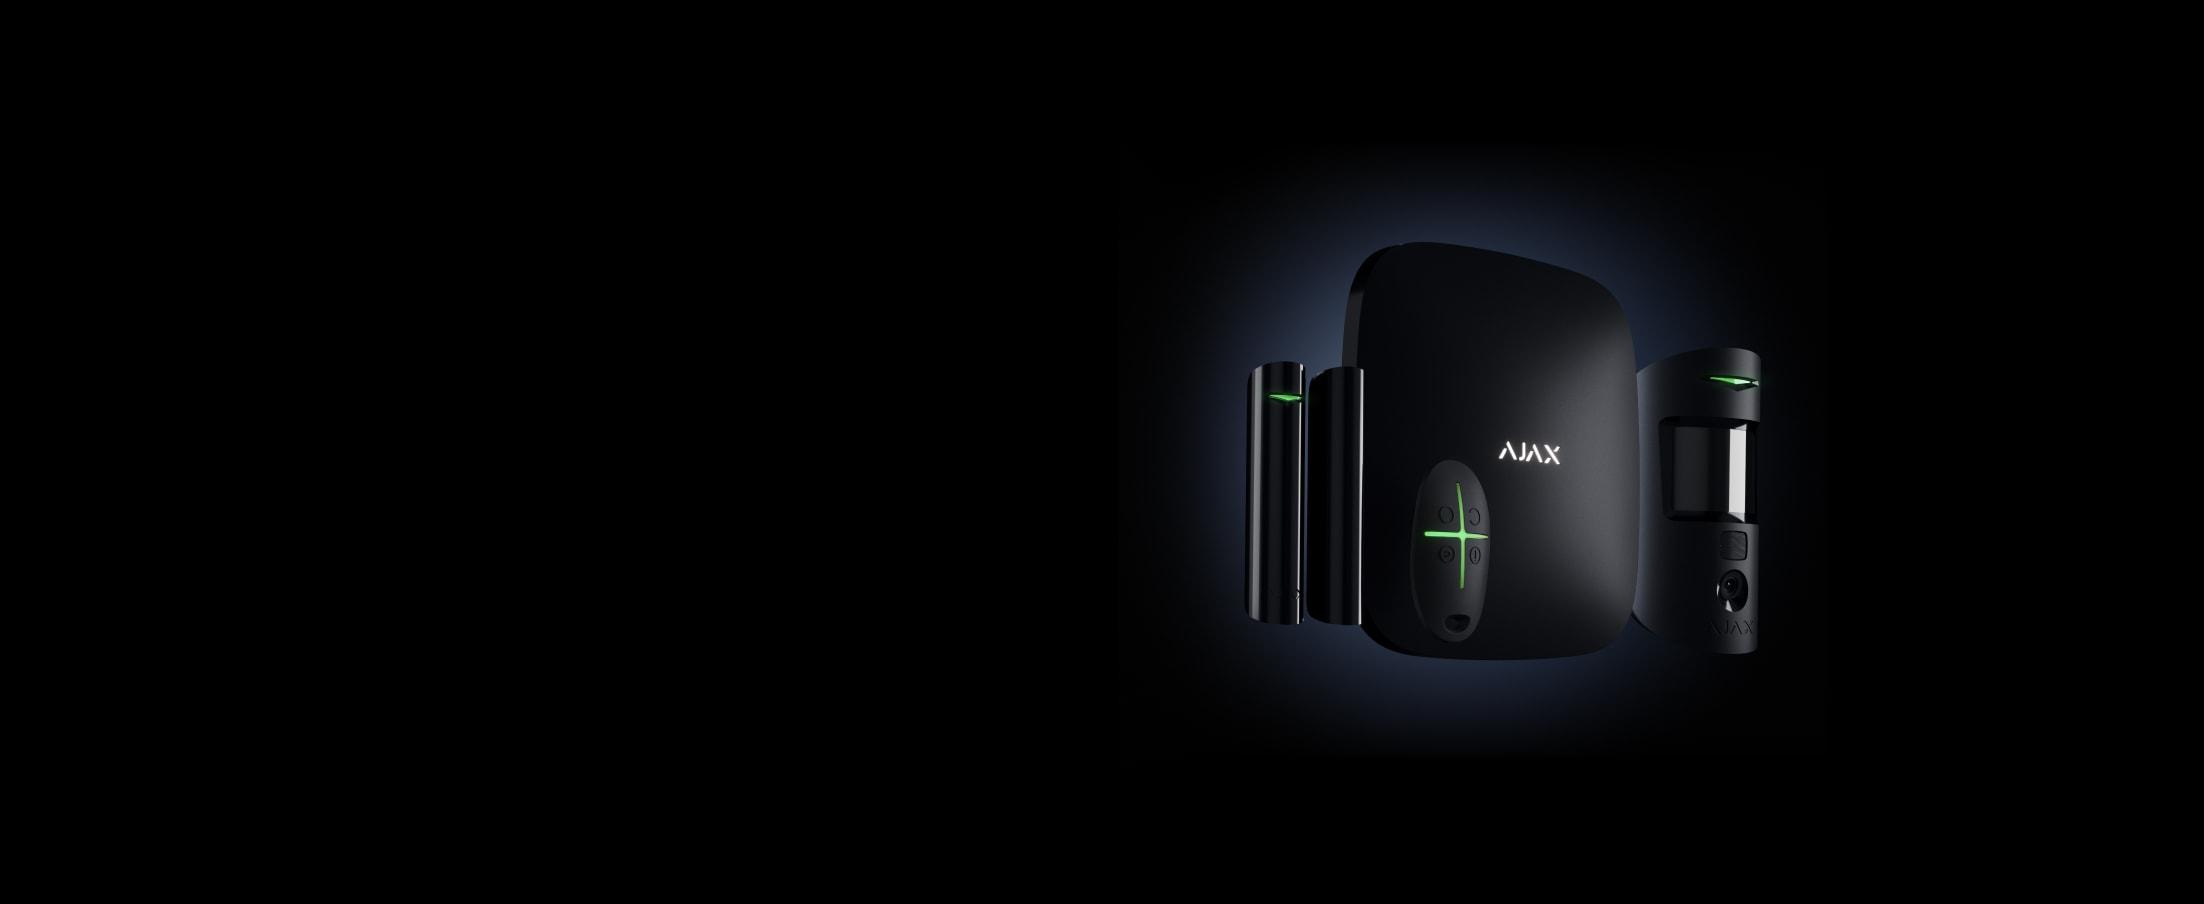 Antenes Andreu - Alarmas Ajax